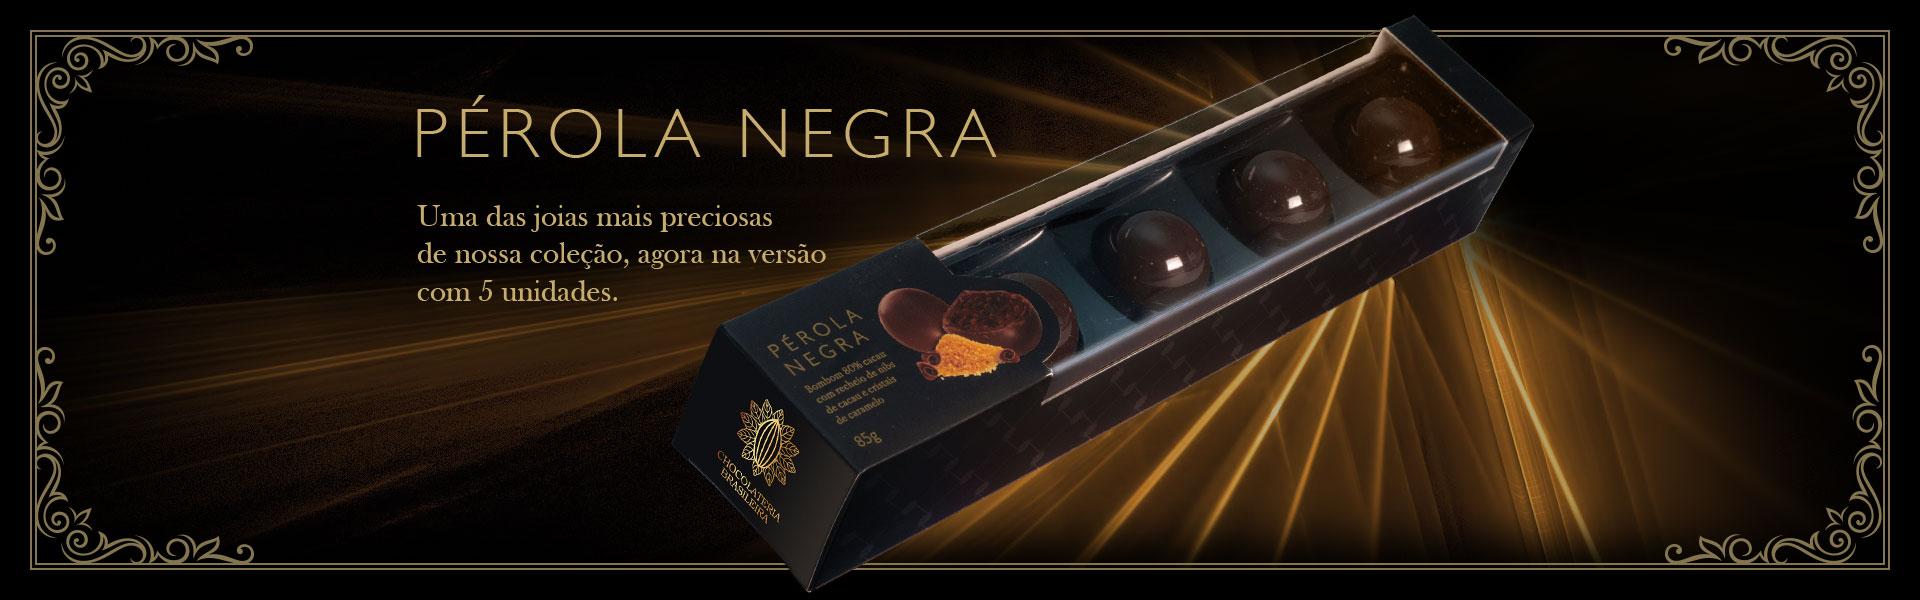 slider caixa de bombom pérola negra - Chocolateria Brasileira